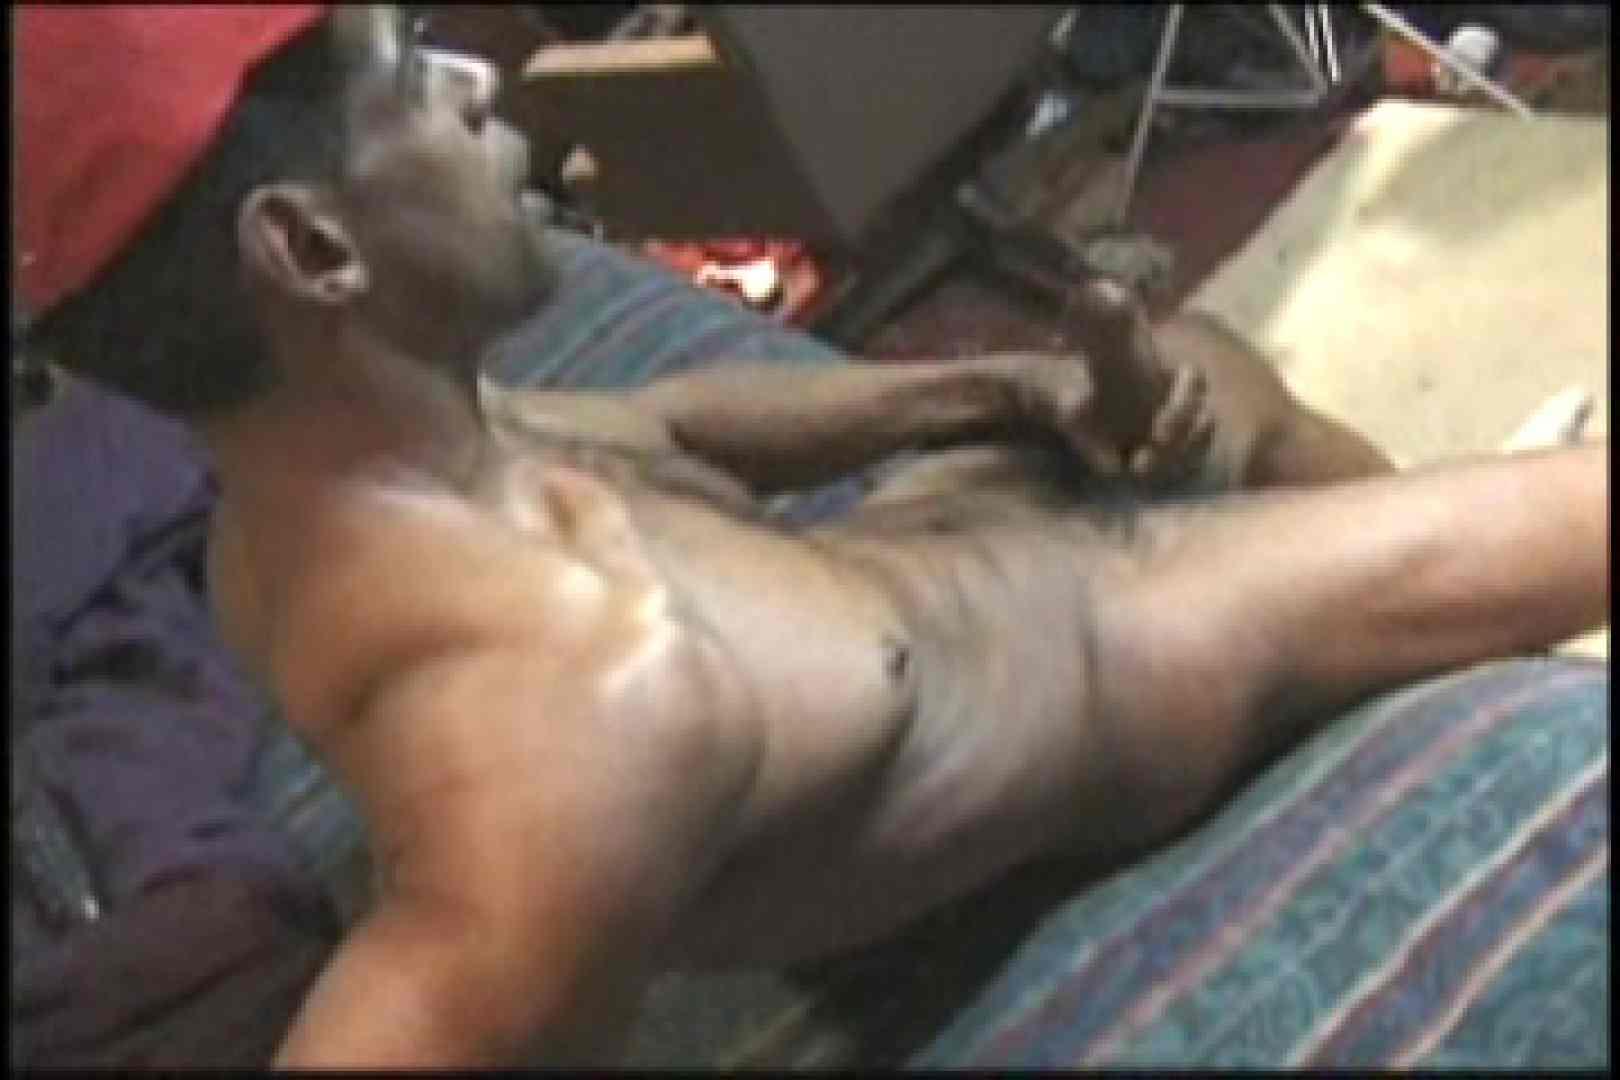 ファンキーな黒人さん!!BLACK POWER 01 フェラ天国 | ゲイのオナニー映像  107枚 37